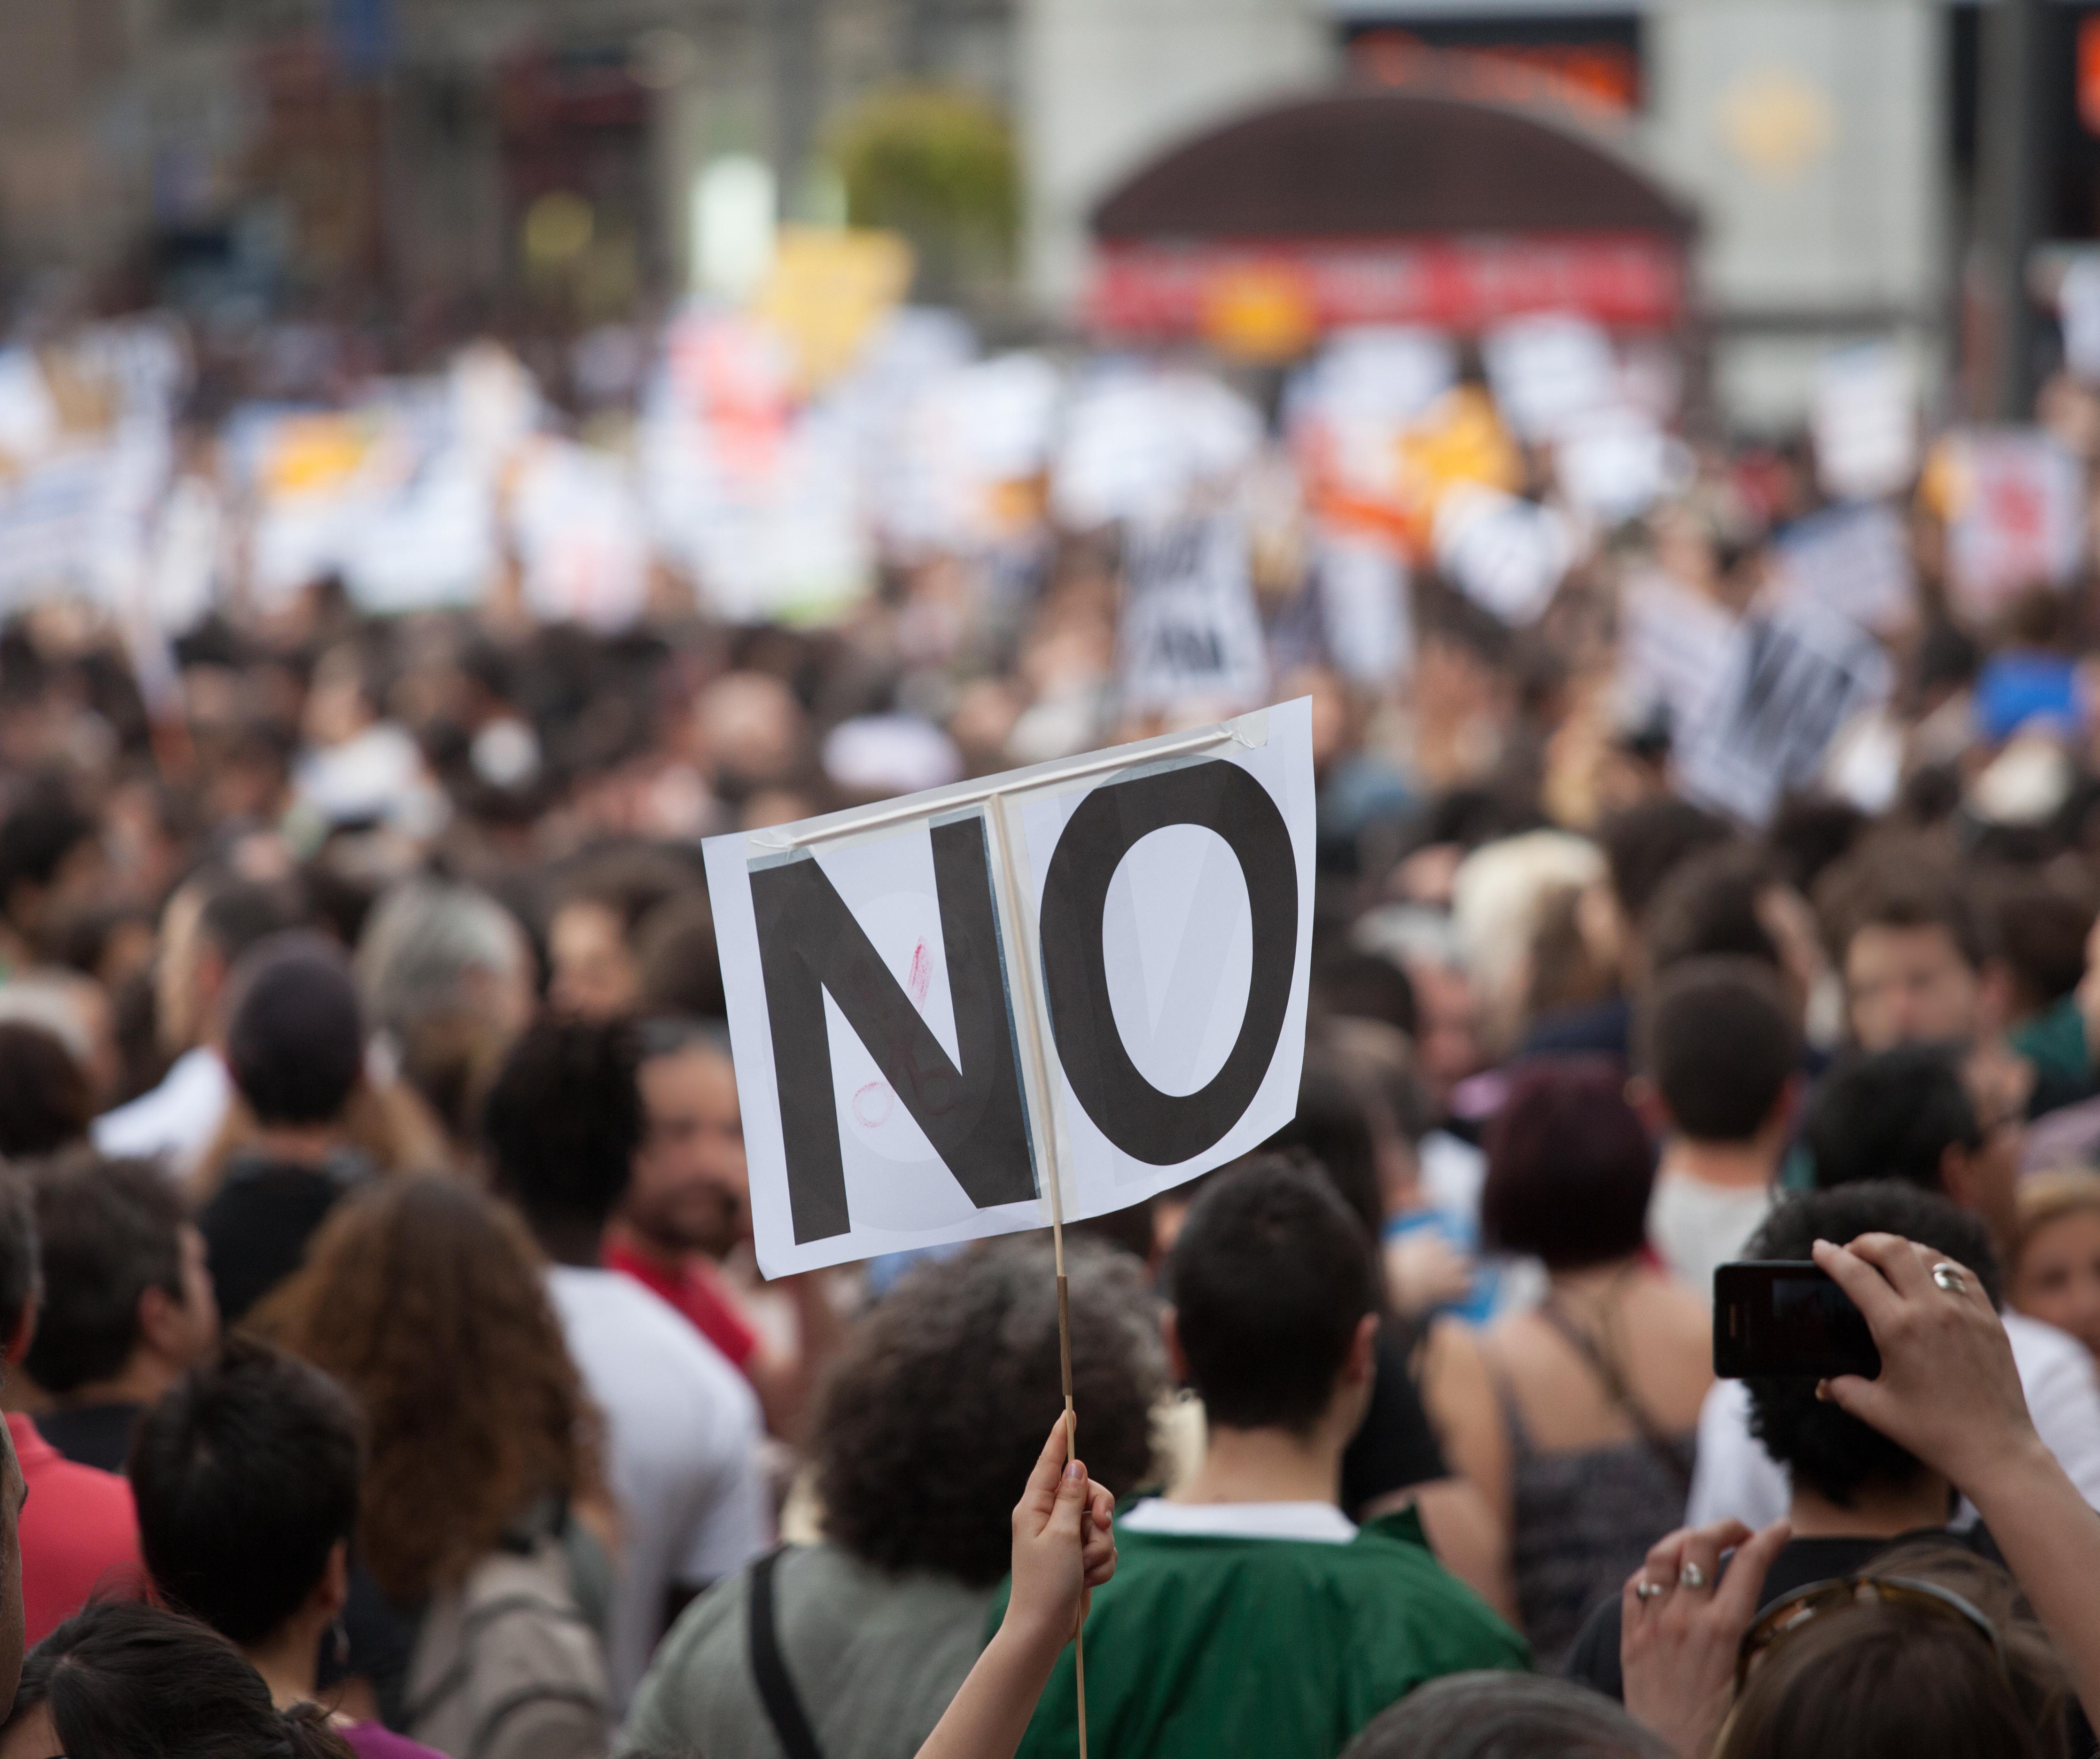 逃亡犯条例改正に反対する人たち